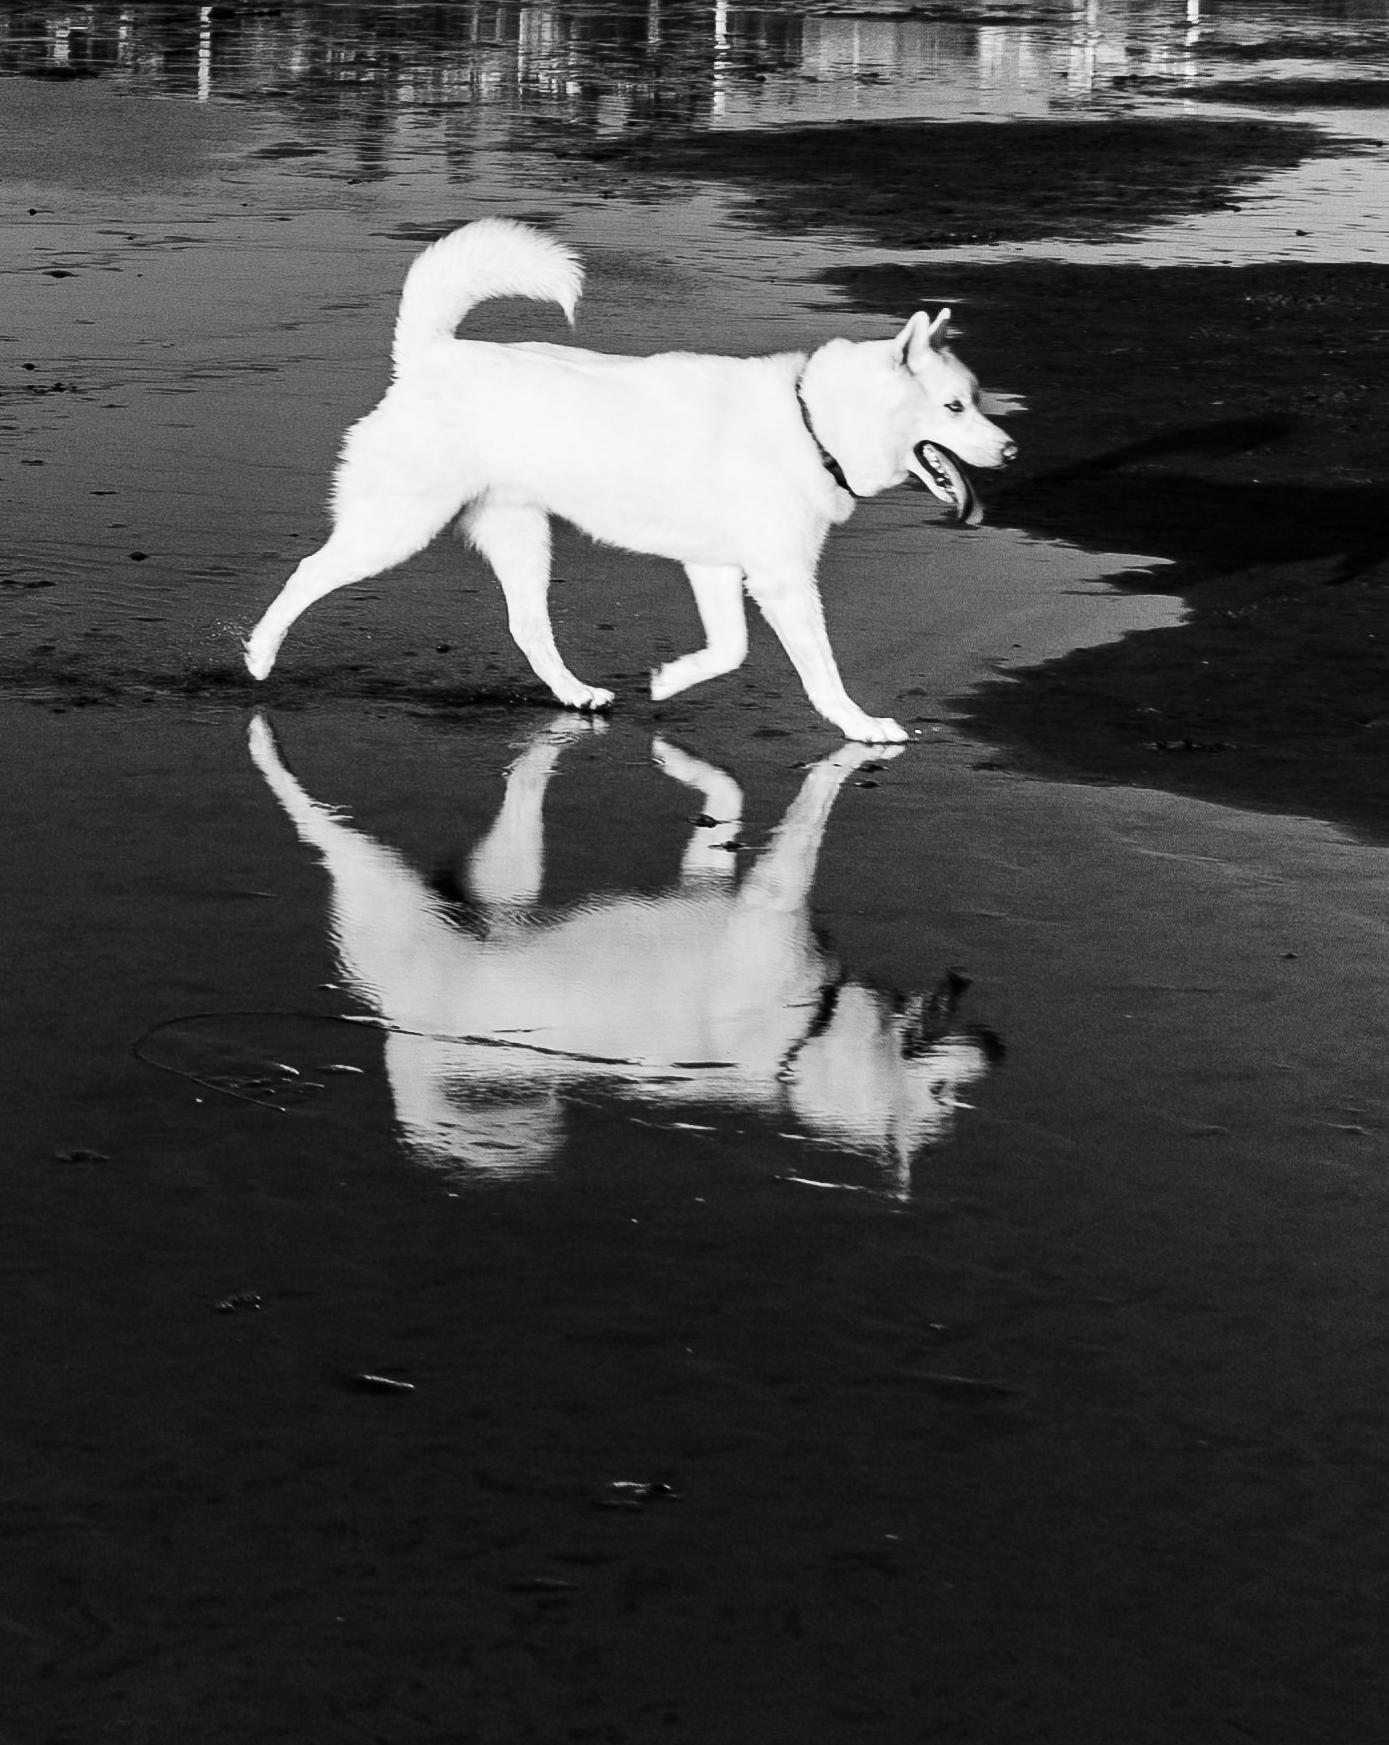 Dog-reflection